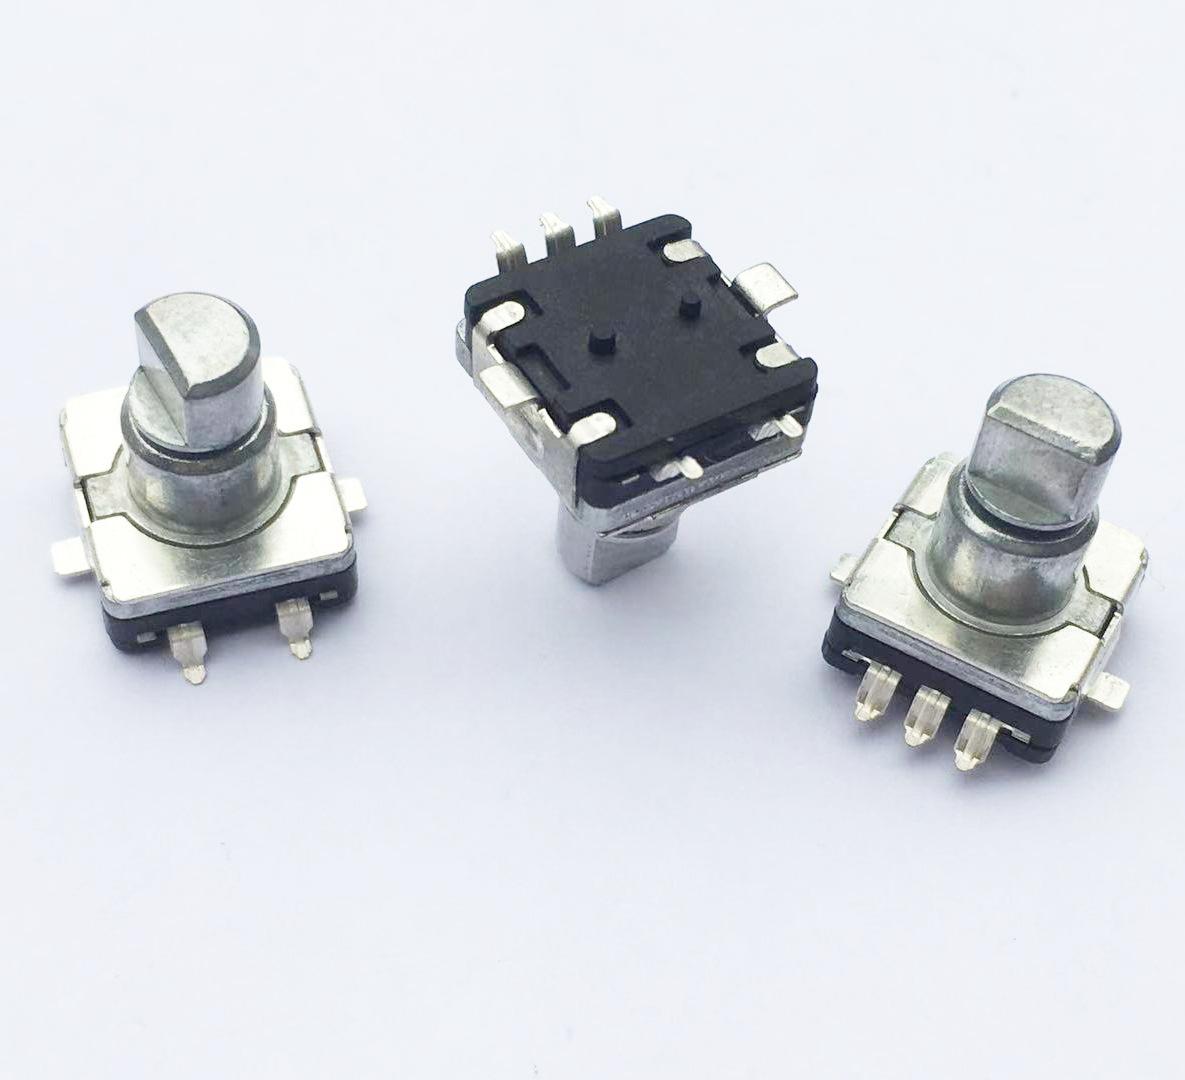 Thiết bị mã hoá Bộ mã hóa EC11 vá nhiệt độ cao với công tắc tăng áp kỹ thuật số tăng âm lượng xe núm